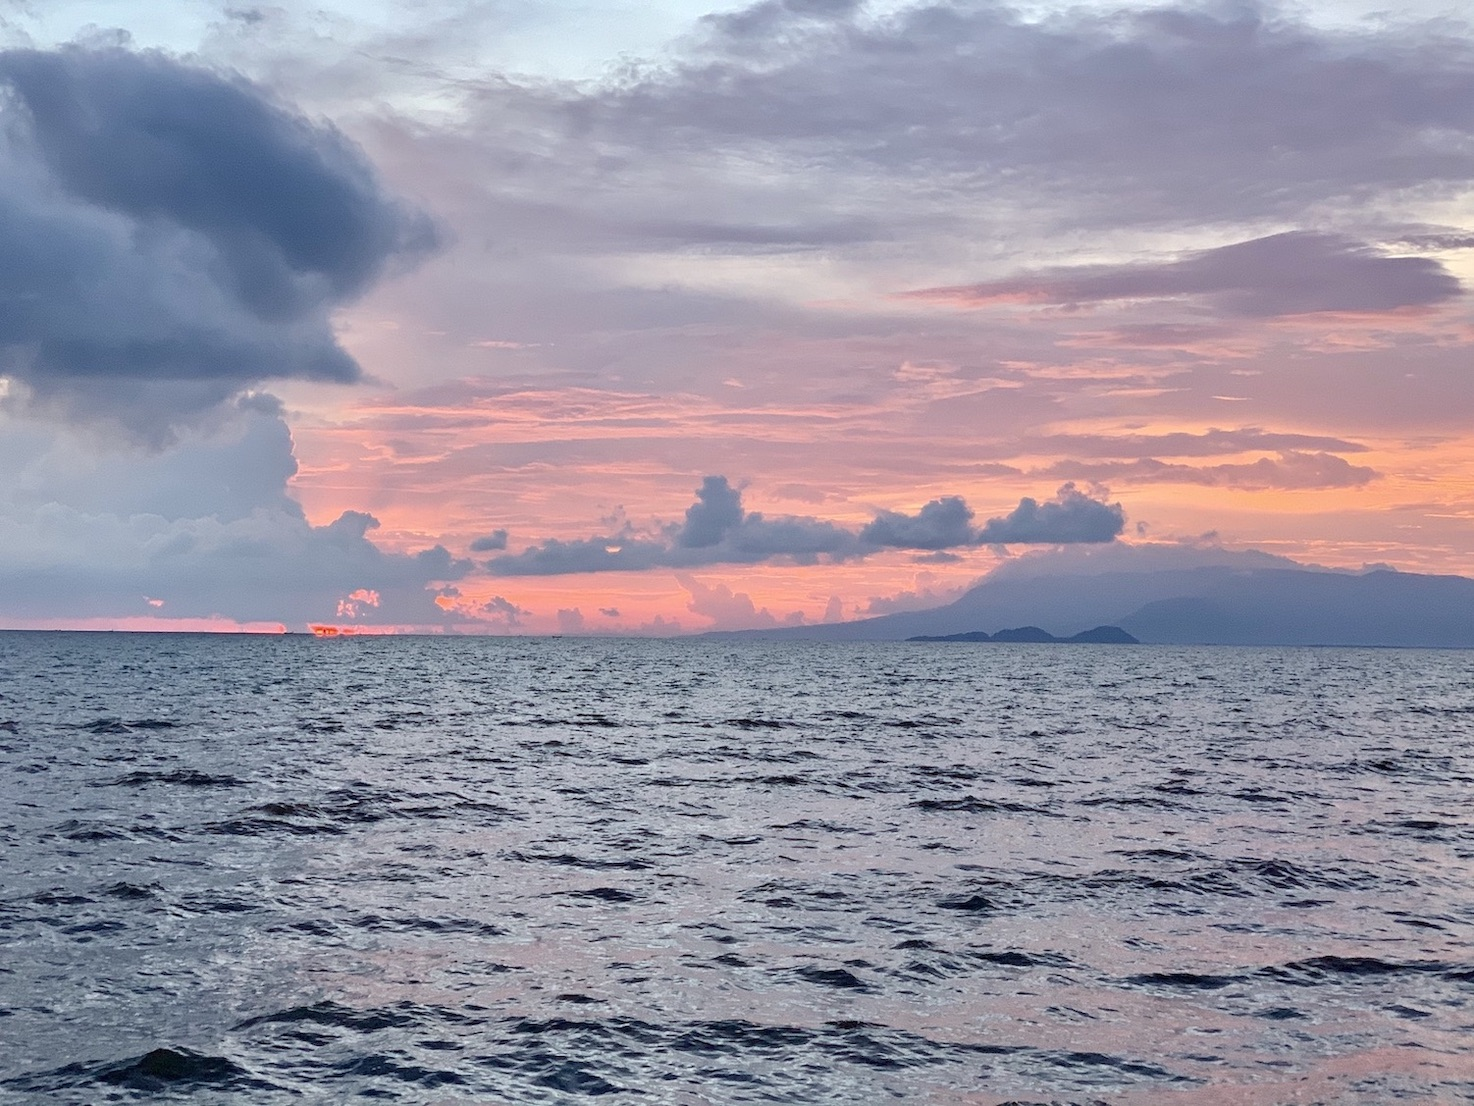 Sunset Kep Cambodia.